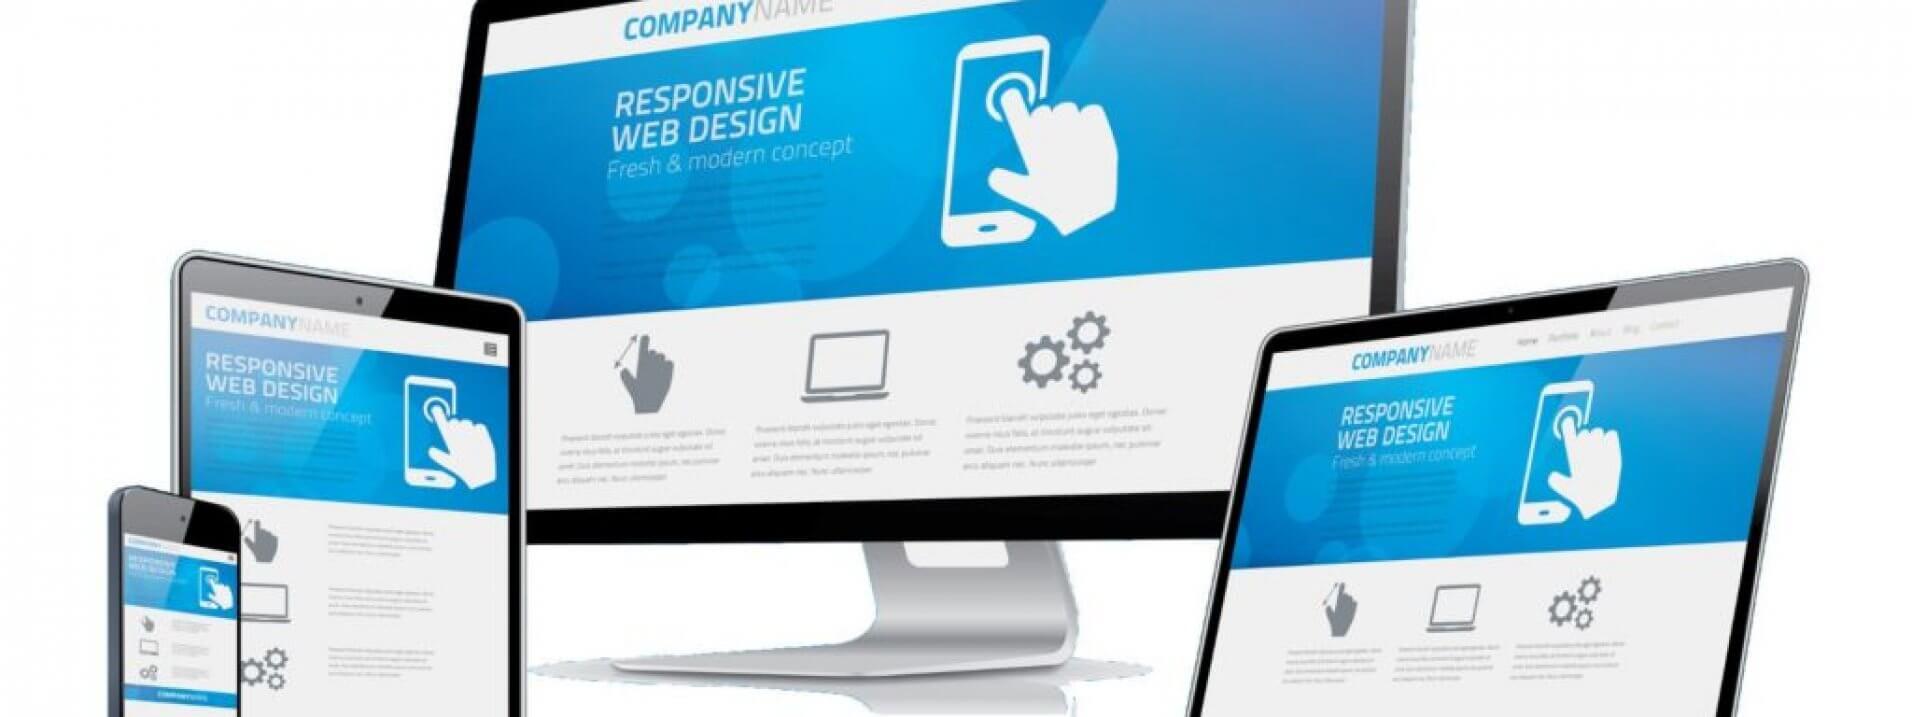 Responsive Web Design in Leeds